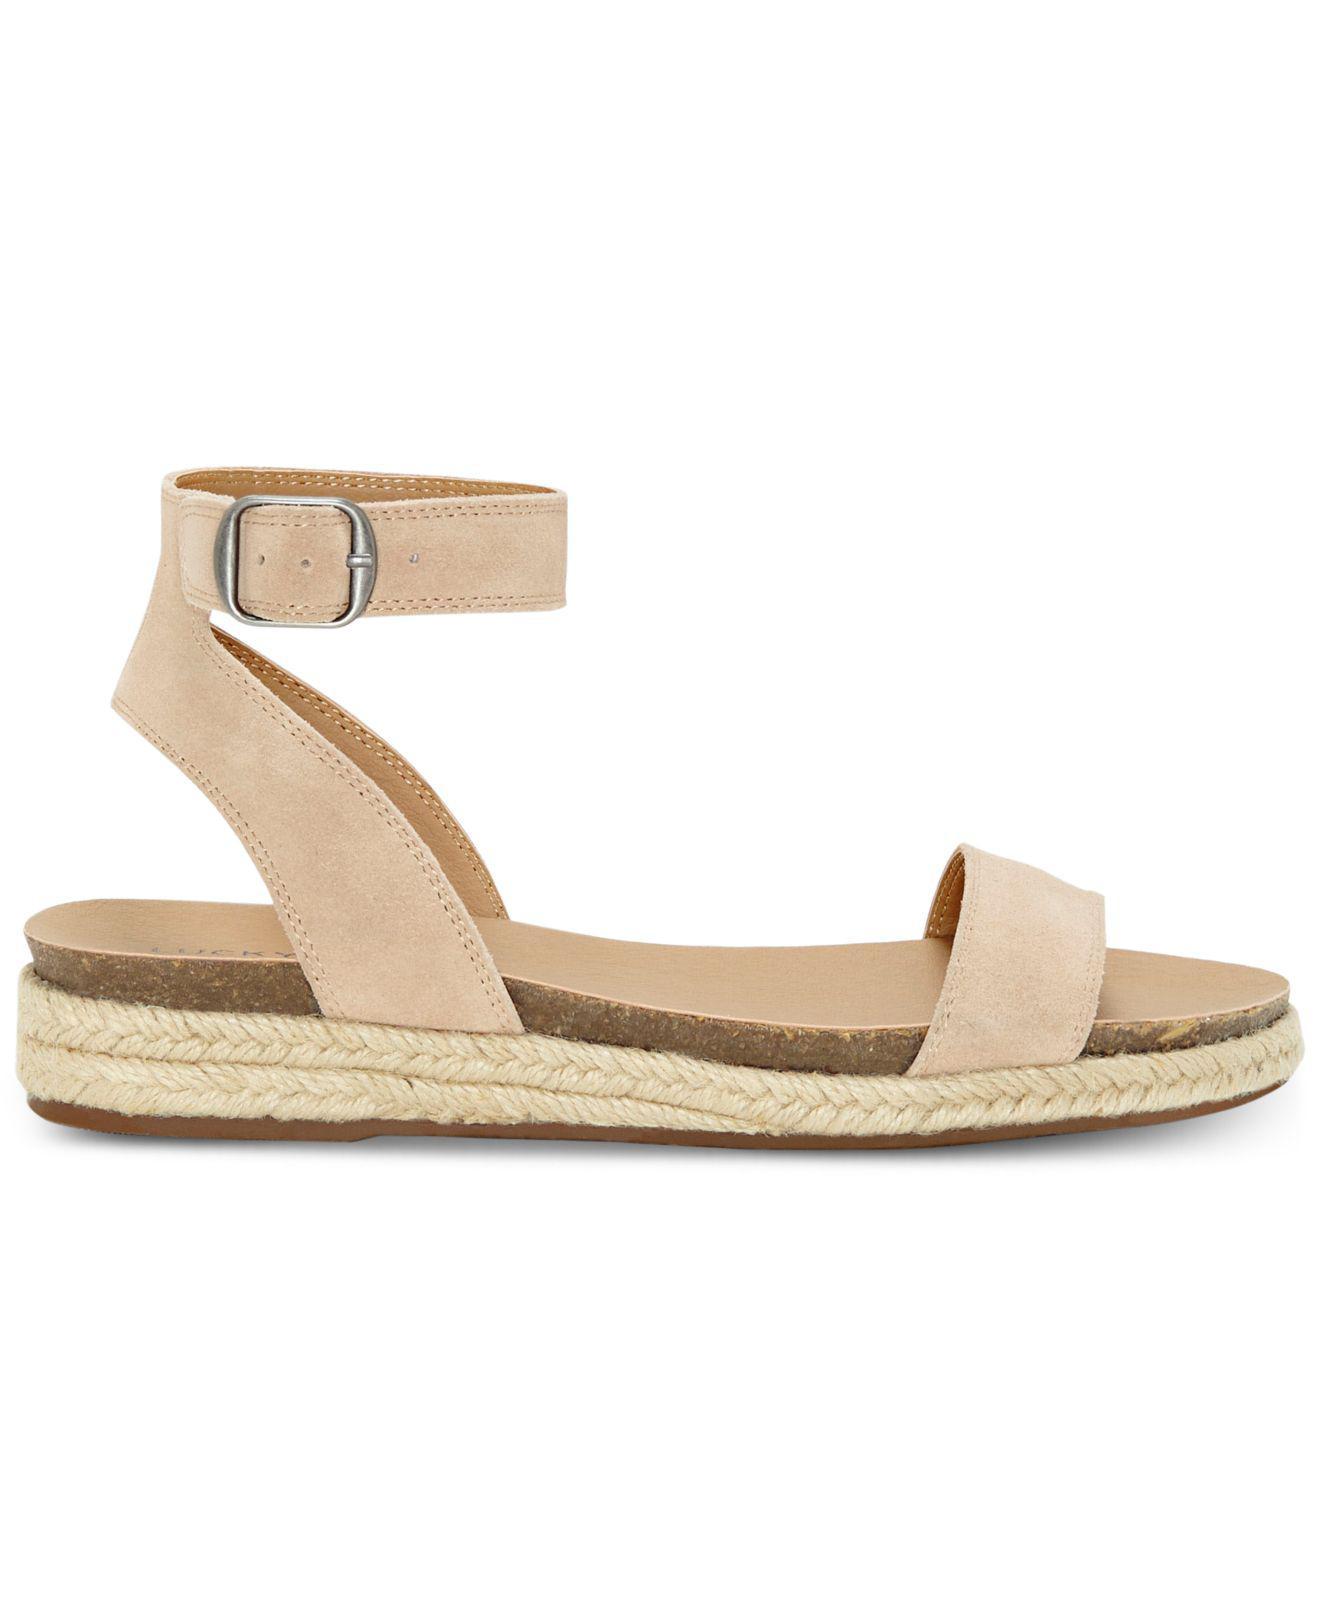 5577bb5d29e Lyst - Lucky Brand Garston Sandals